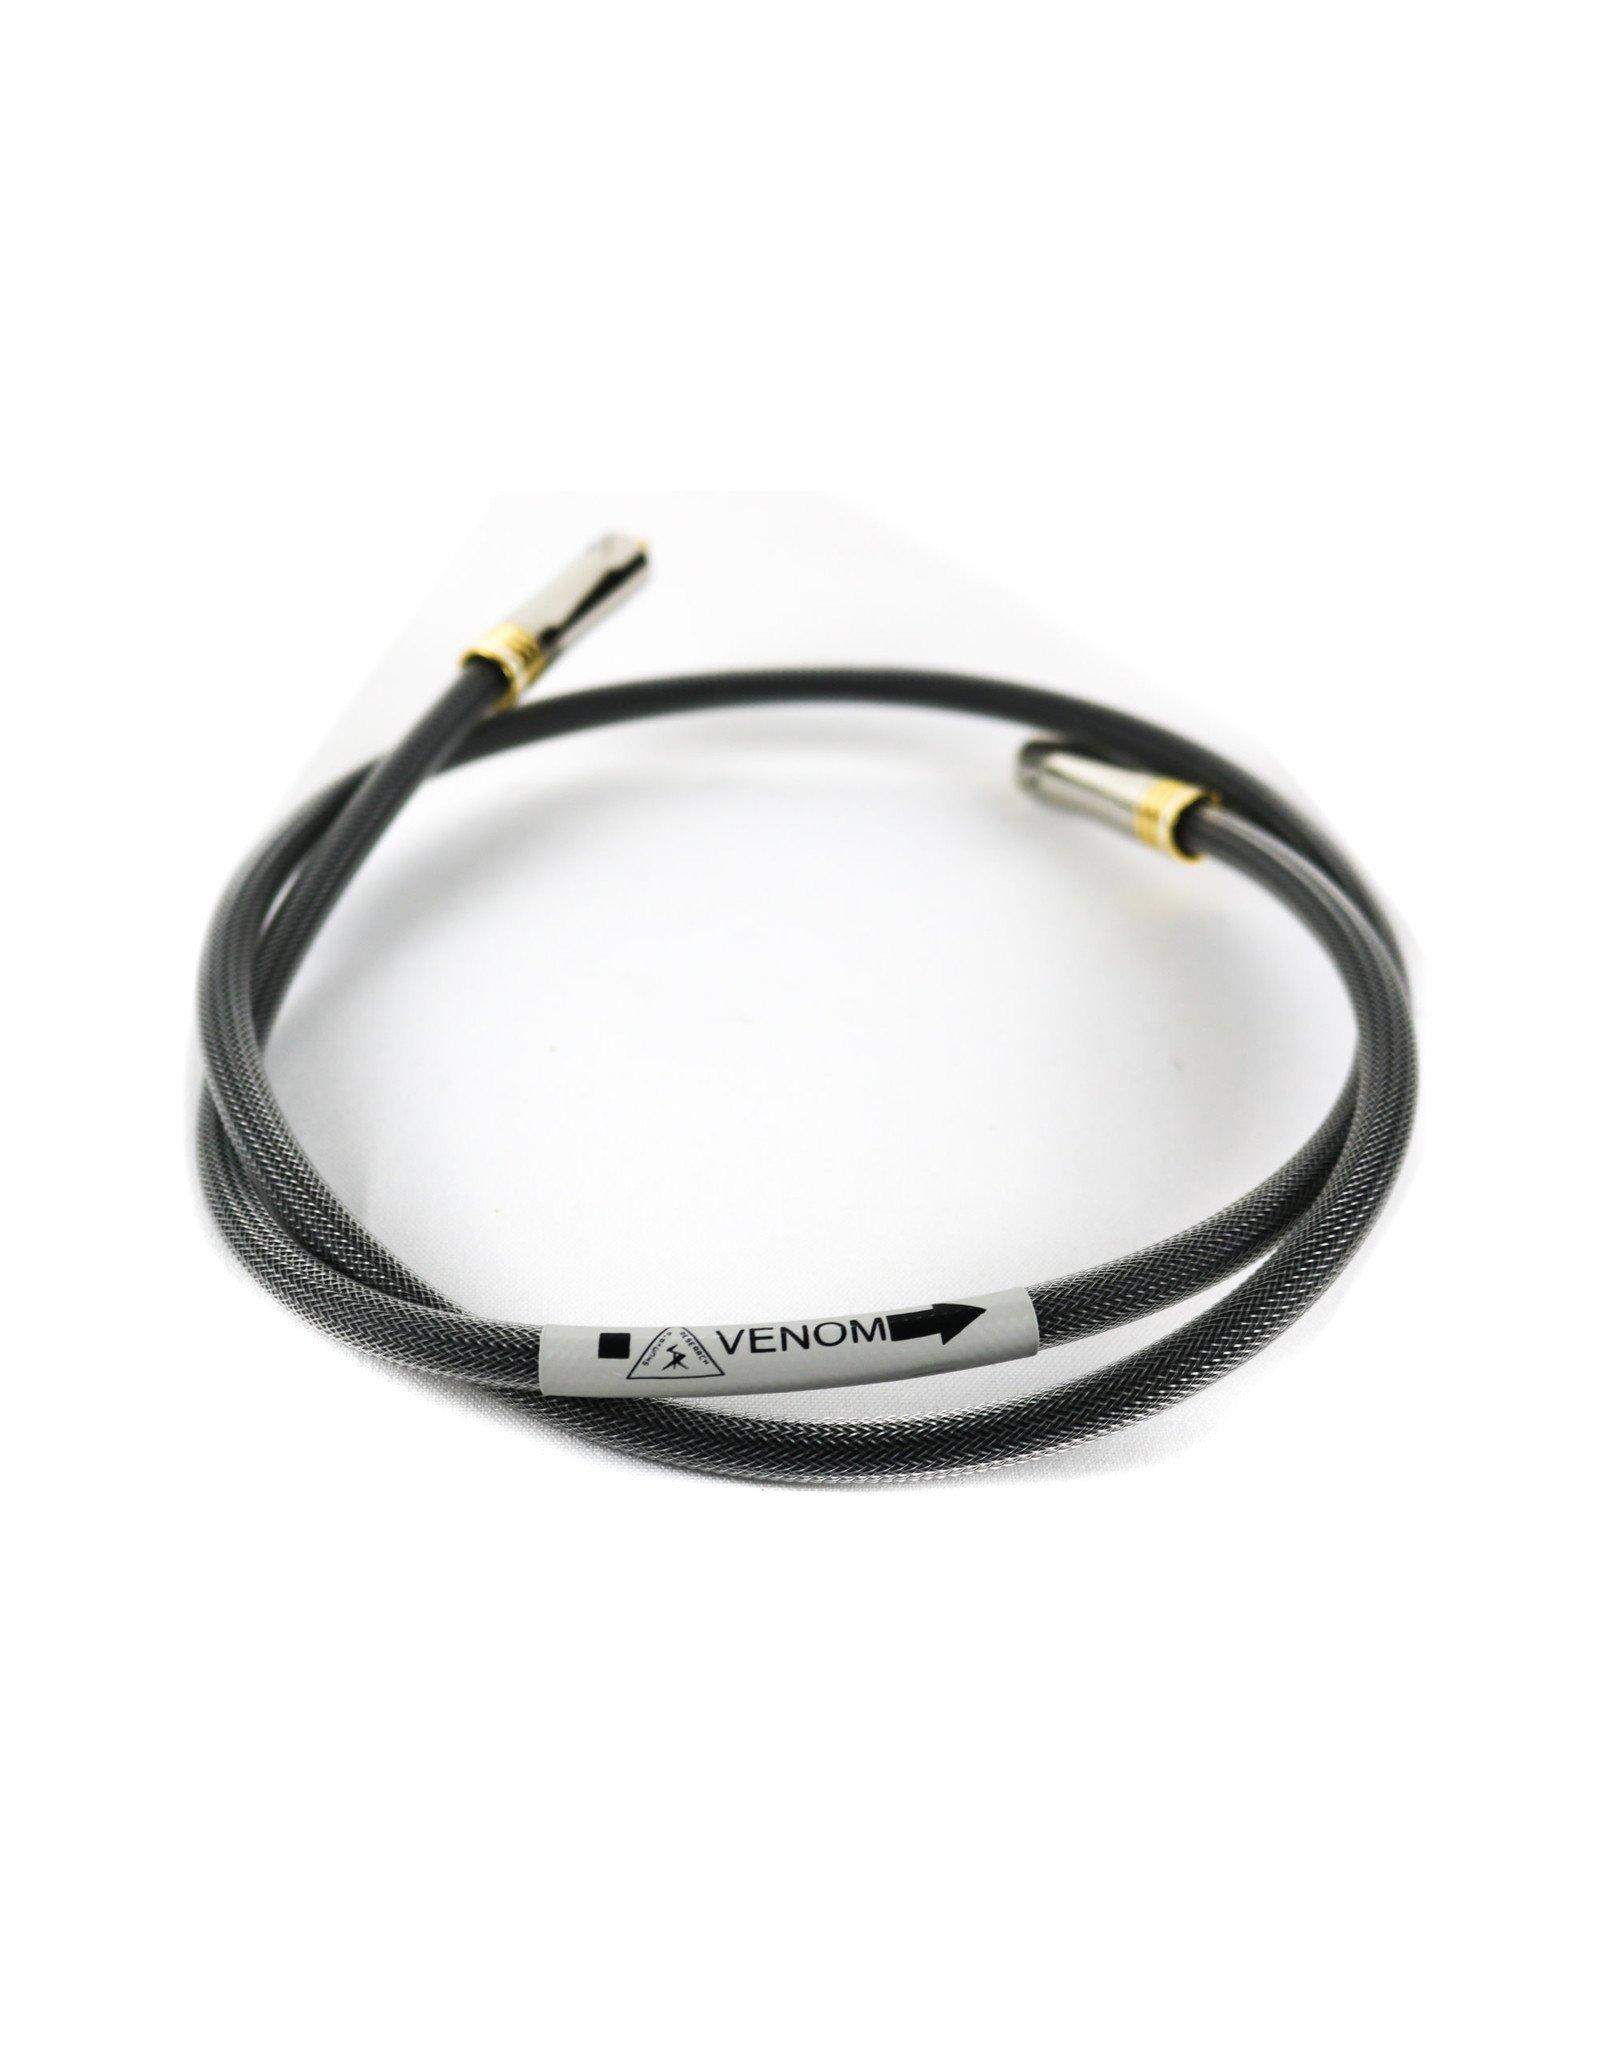 Shunyata Shunyata Venom Digtal Coax RCA Cable 1m USED